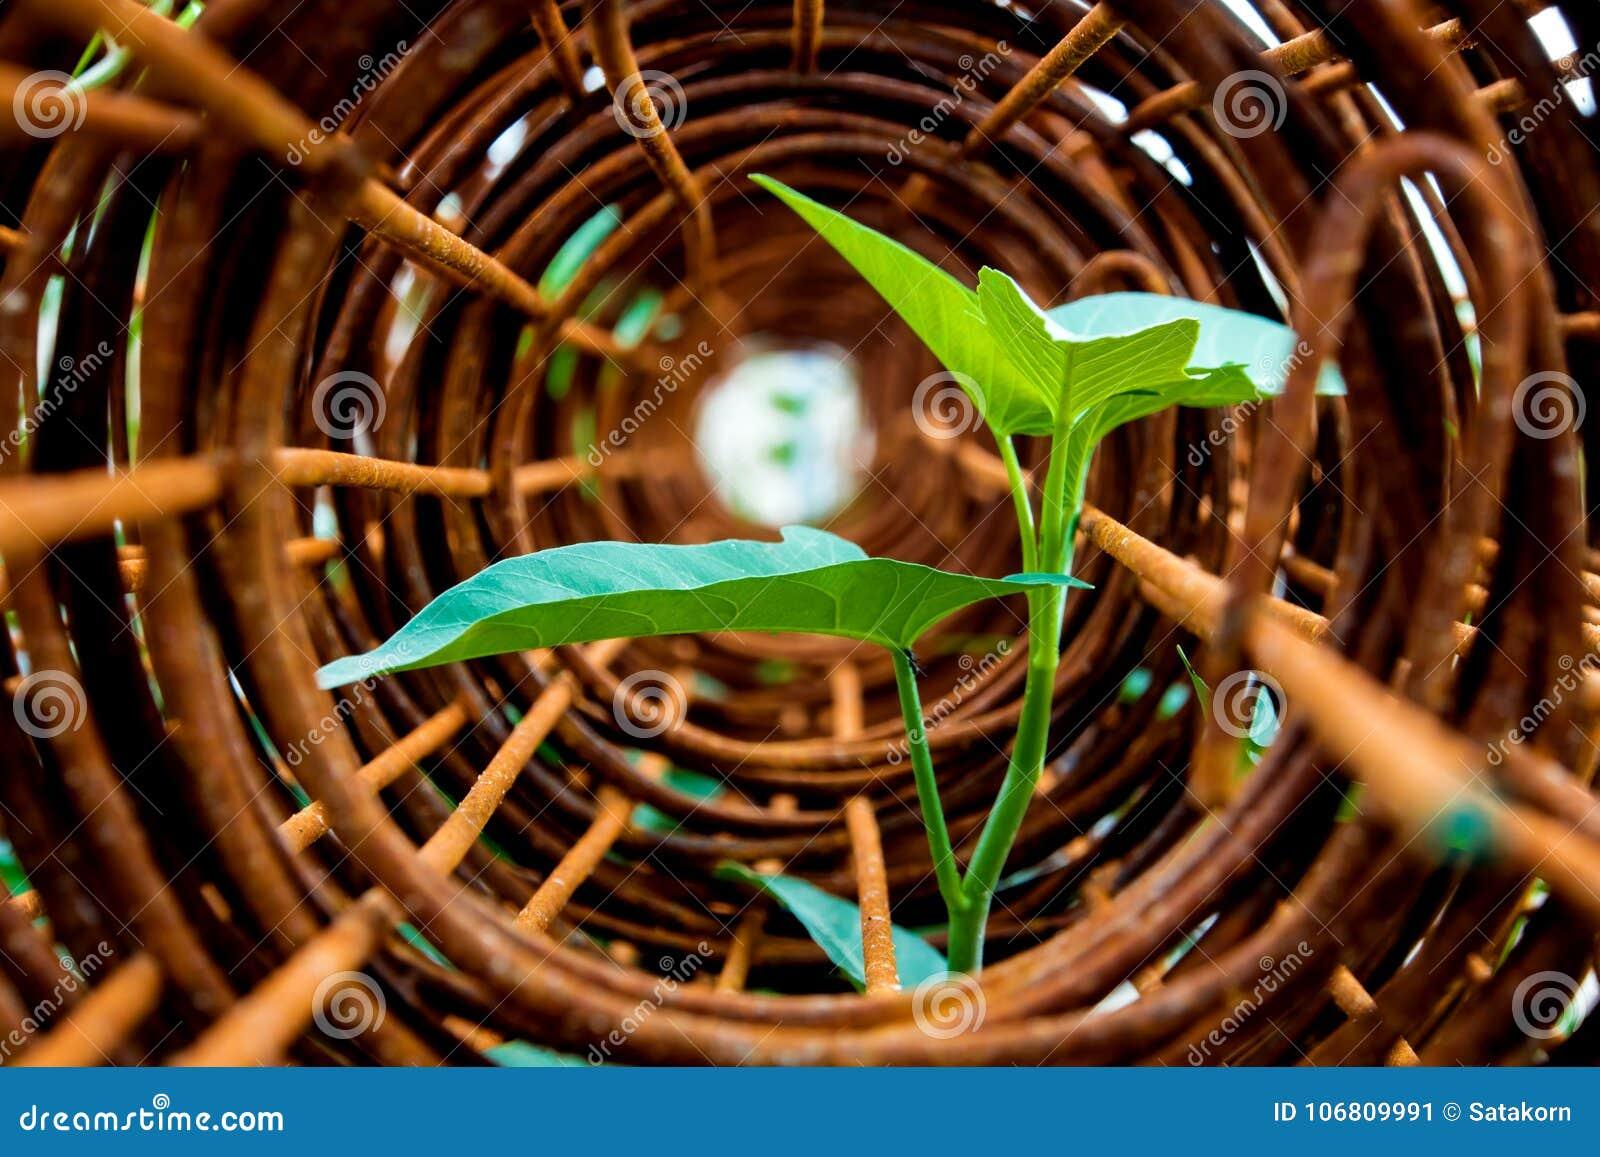 牵牛花插入物叶子在生锈的钢绳滤网卷的